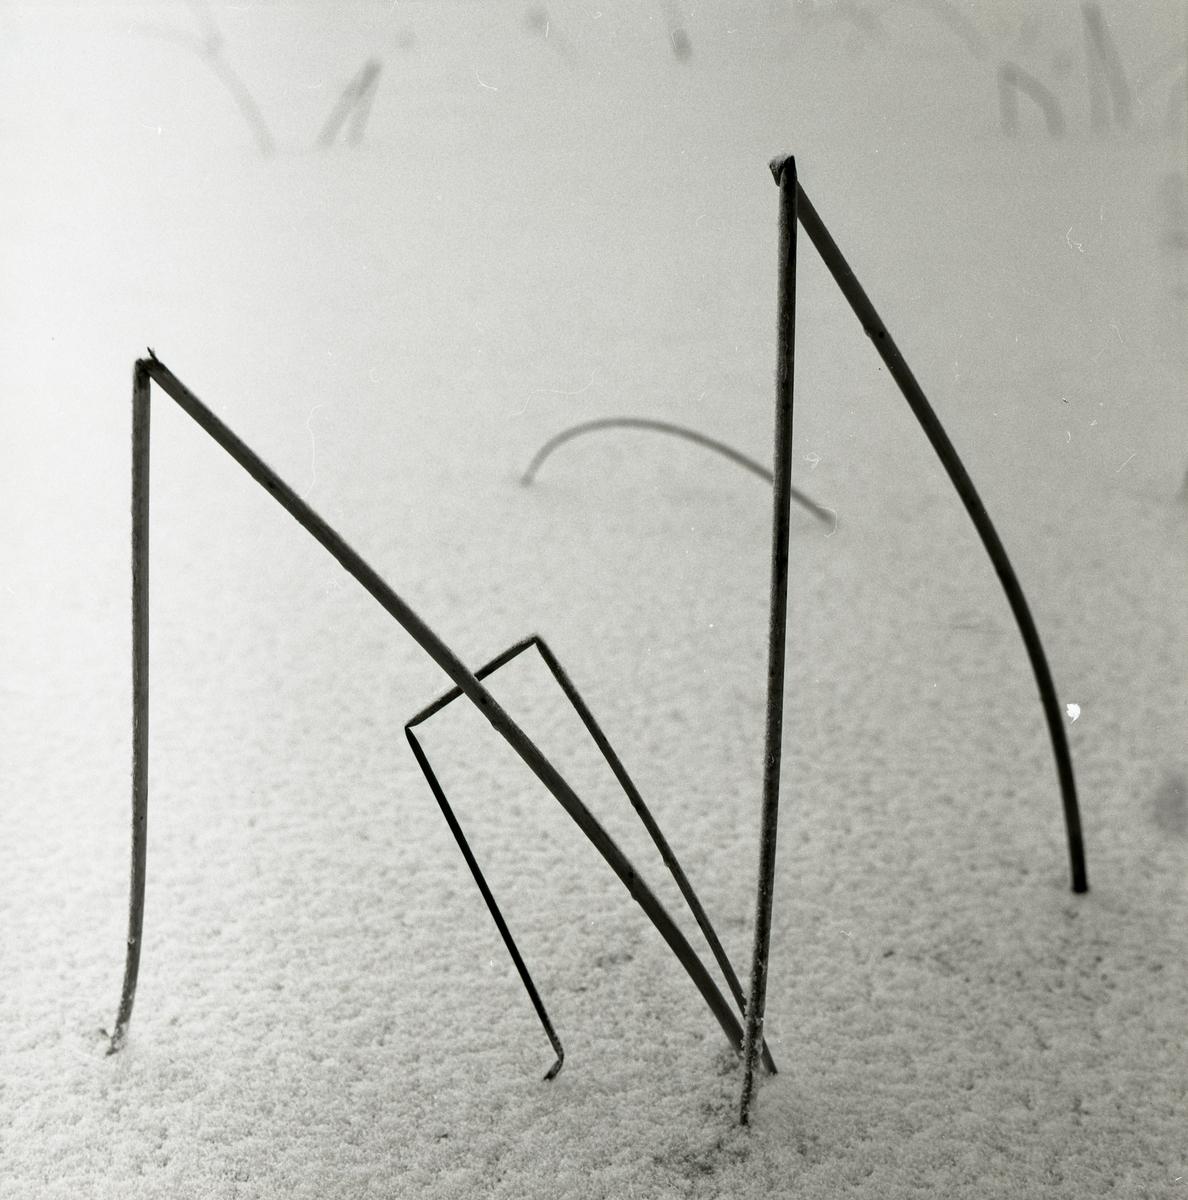 Två avbrutna vasstrån sticker upp ur snön och bildar en M-form.